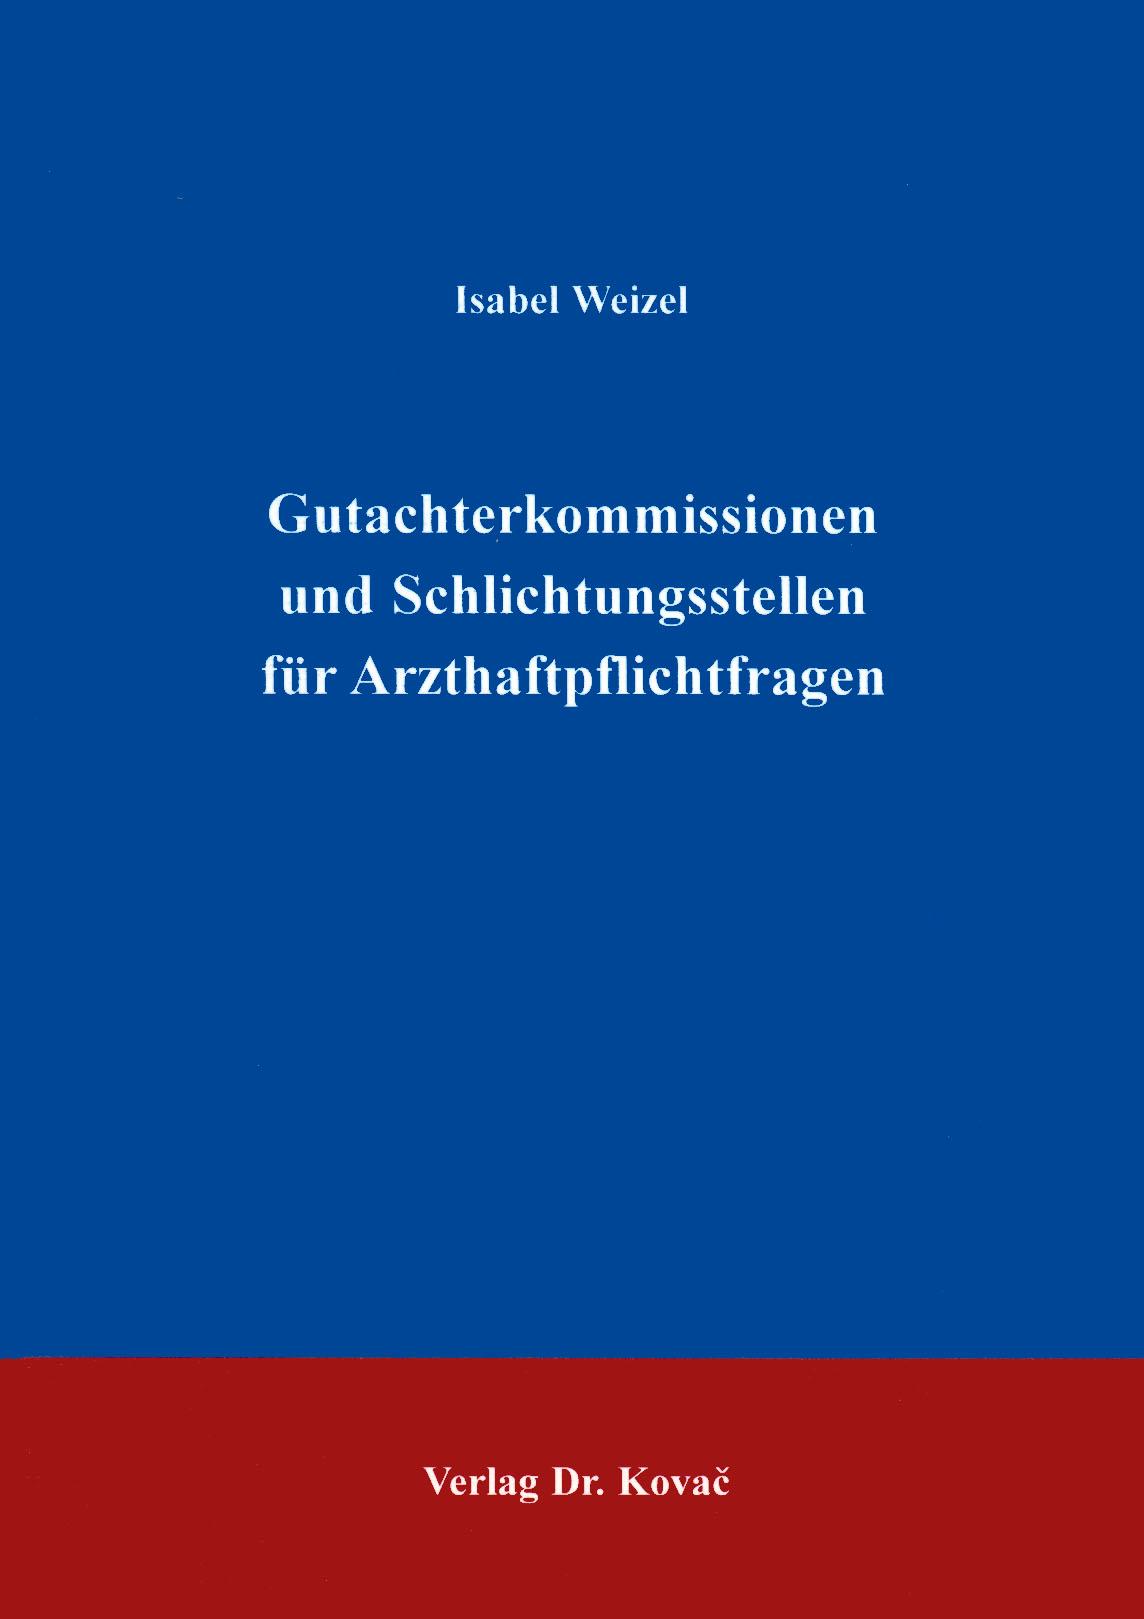 Cover: Gutachterkommission und Schlichtungsstellen für Arzthaftpflichten